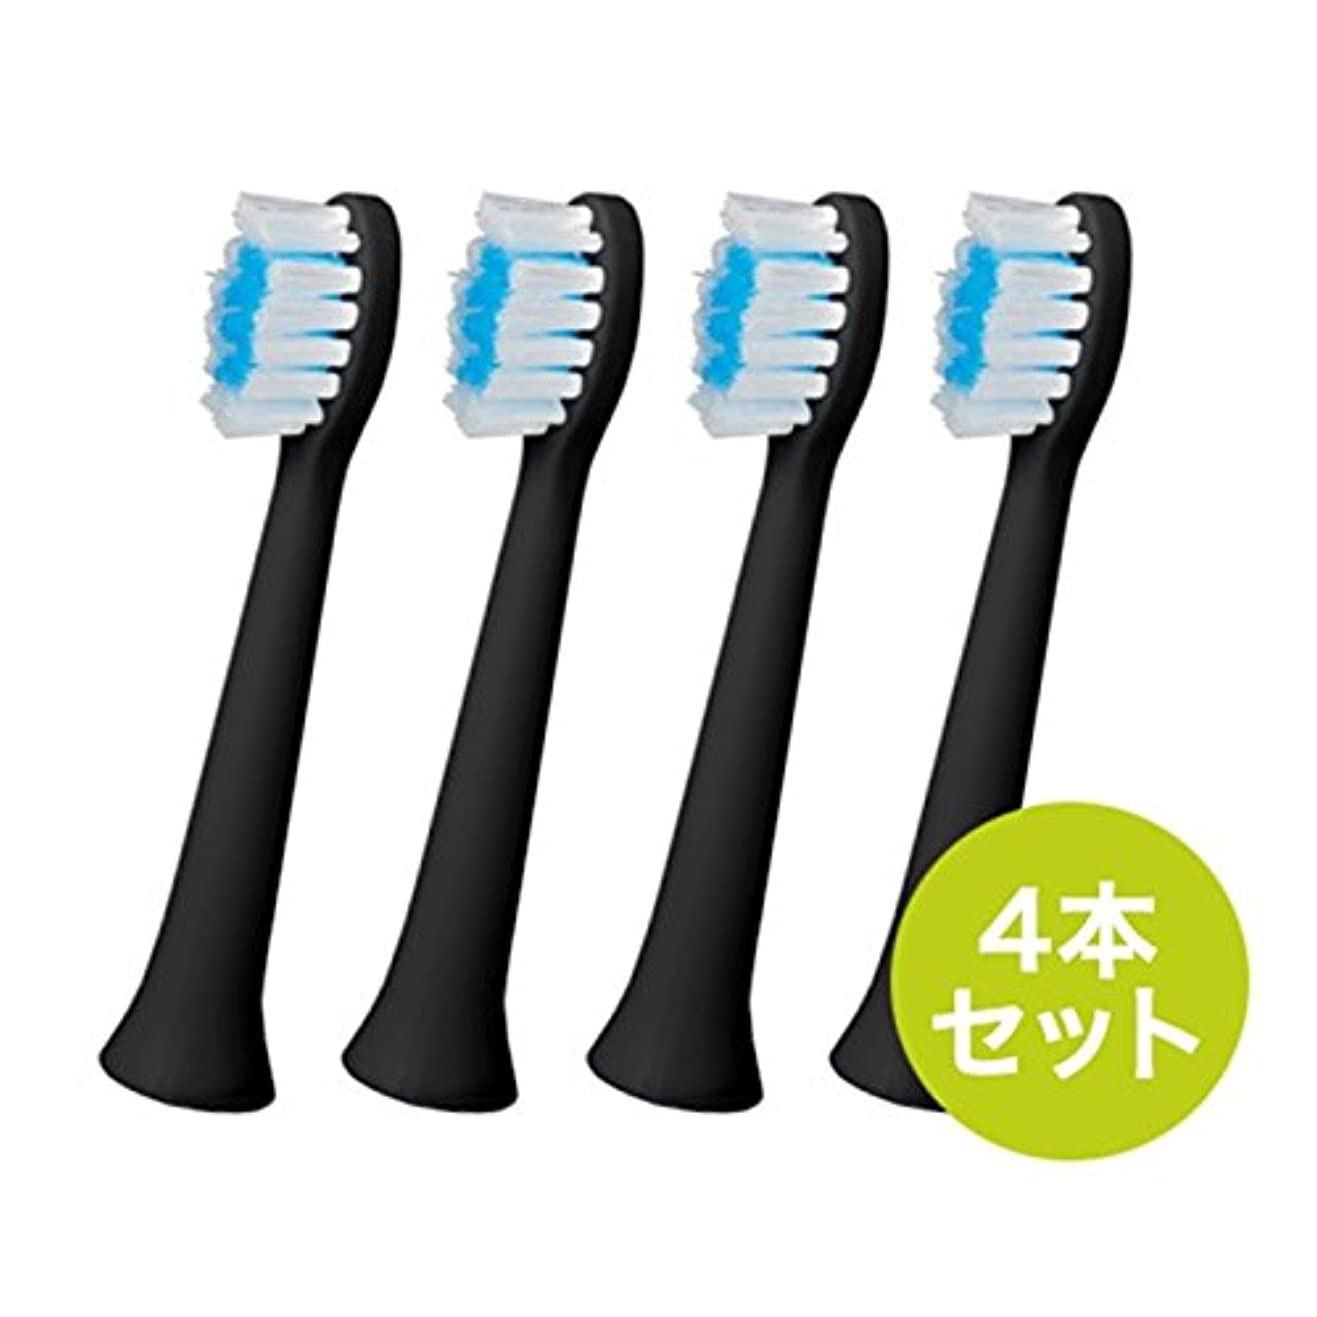 原油ブラシカートDOMO電動歯ブラシ(交換ブラシ4本セット黒)